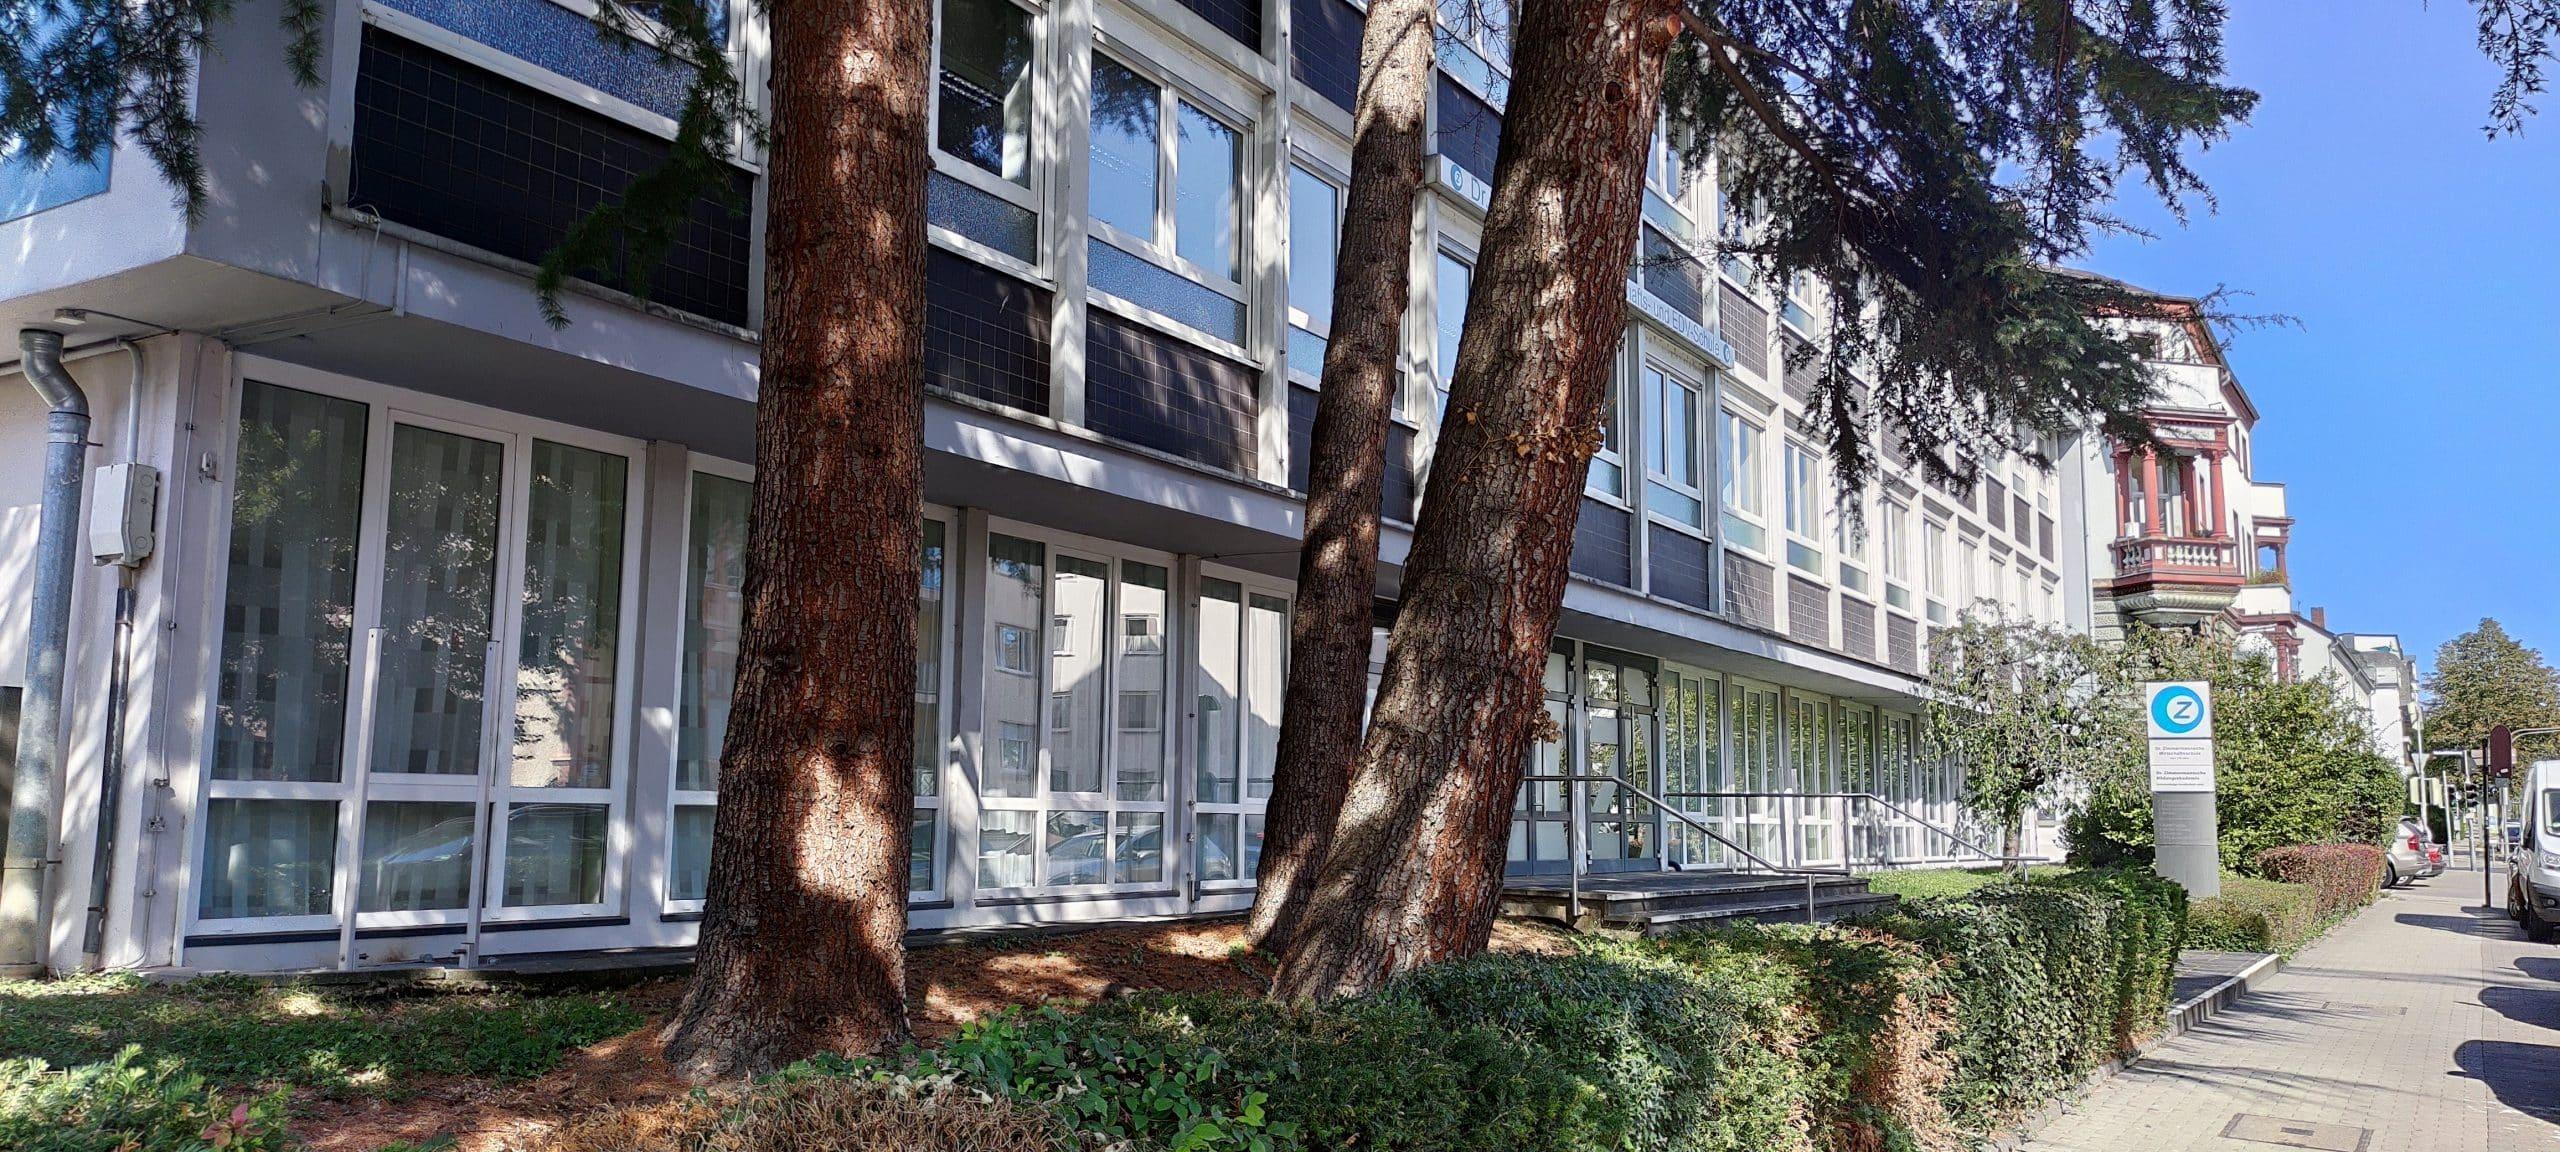 Dr. Zimmermannsche Wirtschaftsschule in Koblenz Schulgebäude aus Sicht der Hofeinfahrt über die Mainzer Straße